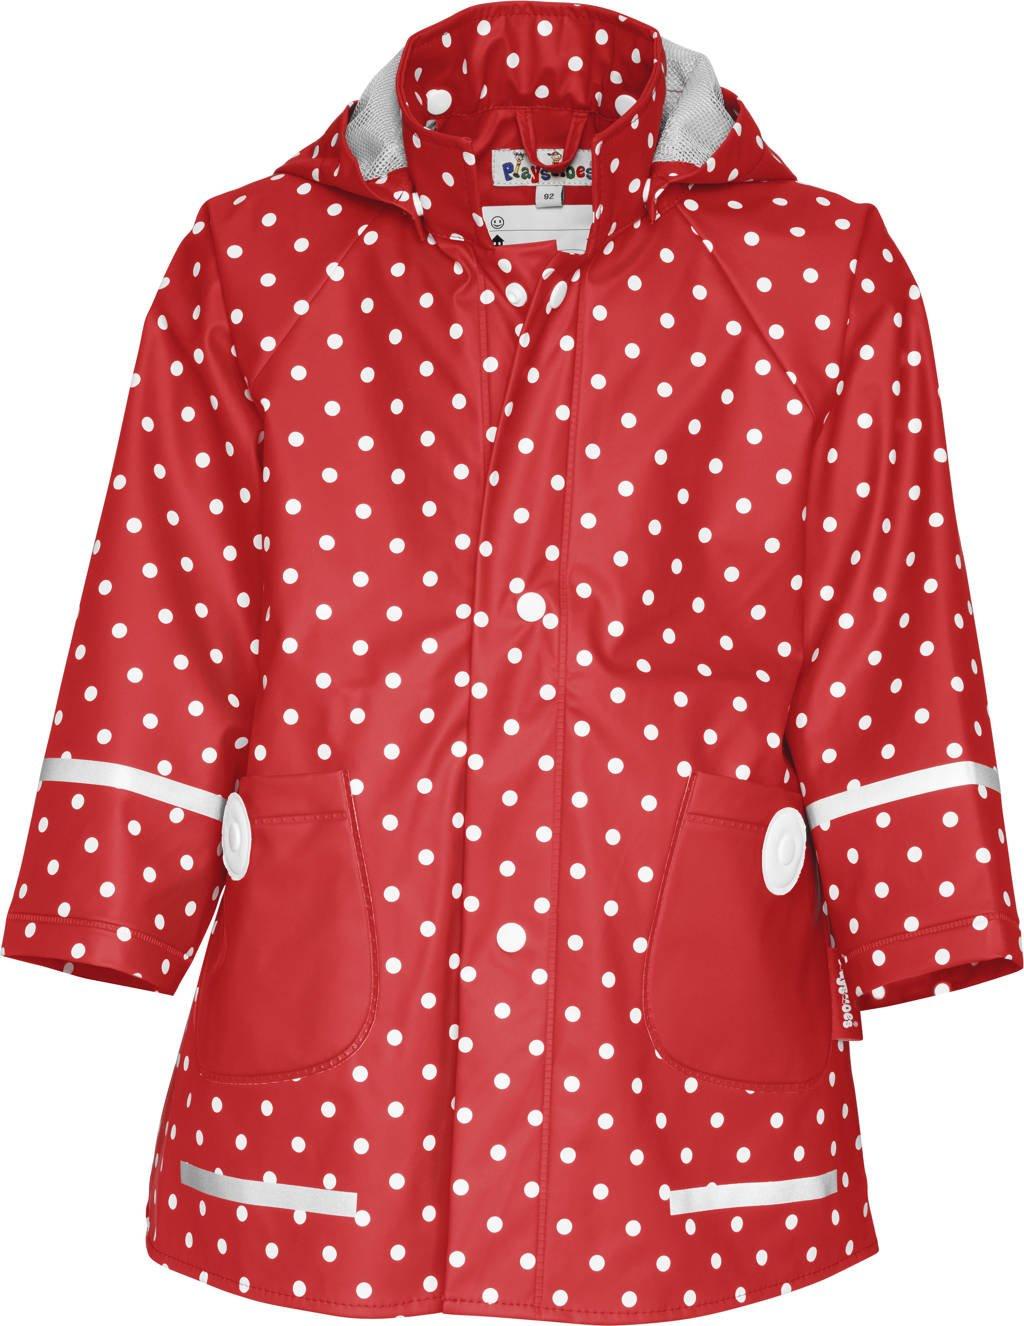 Playshoes regenjas Dots met stippen rood/wit, Rood/wit